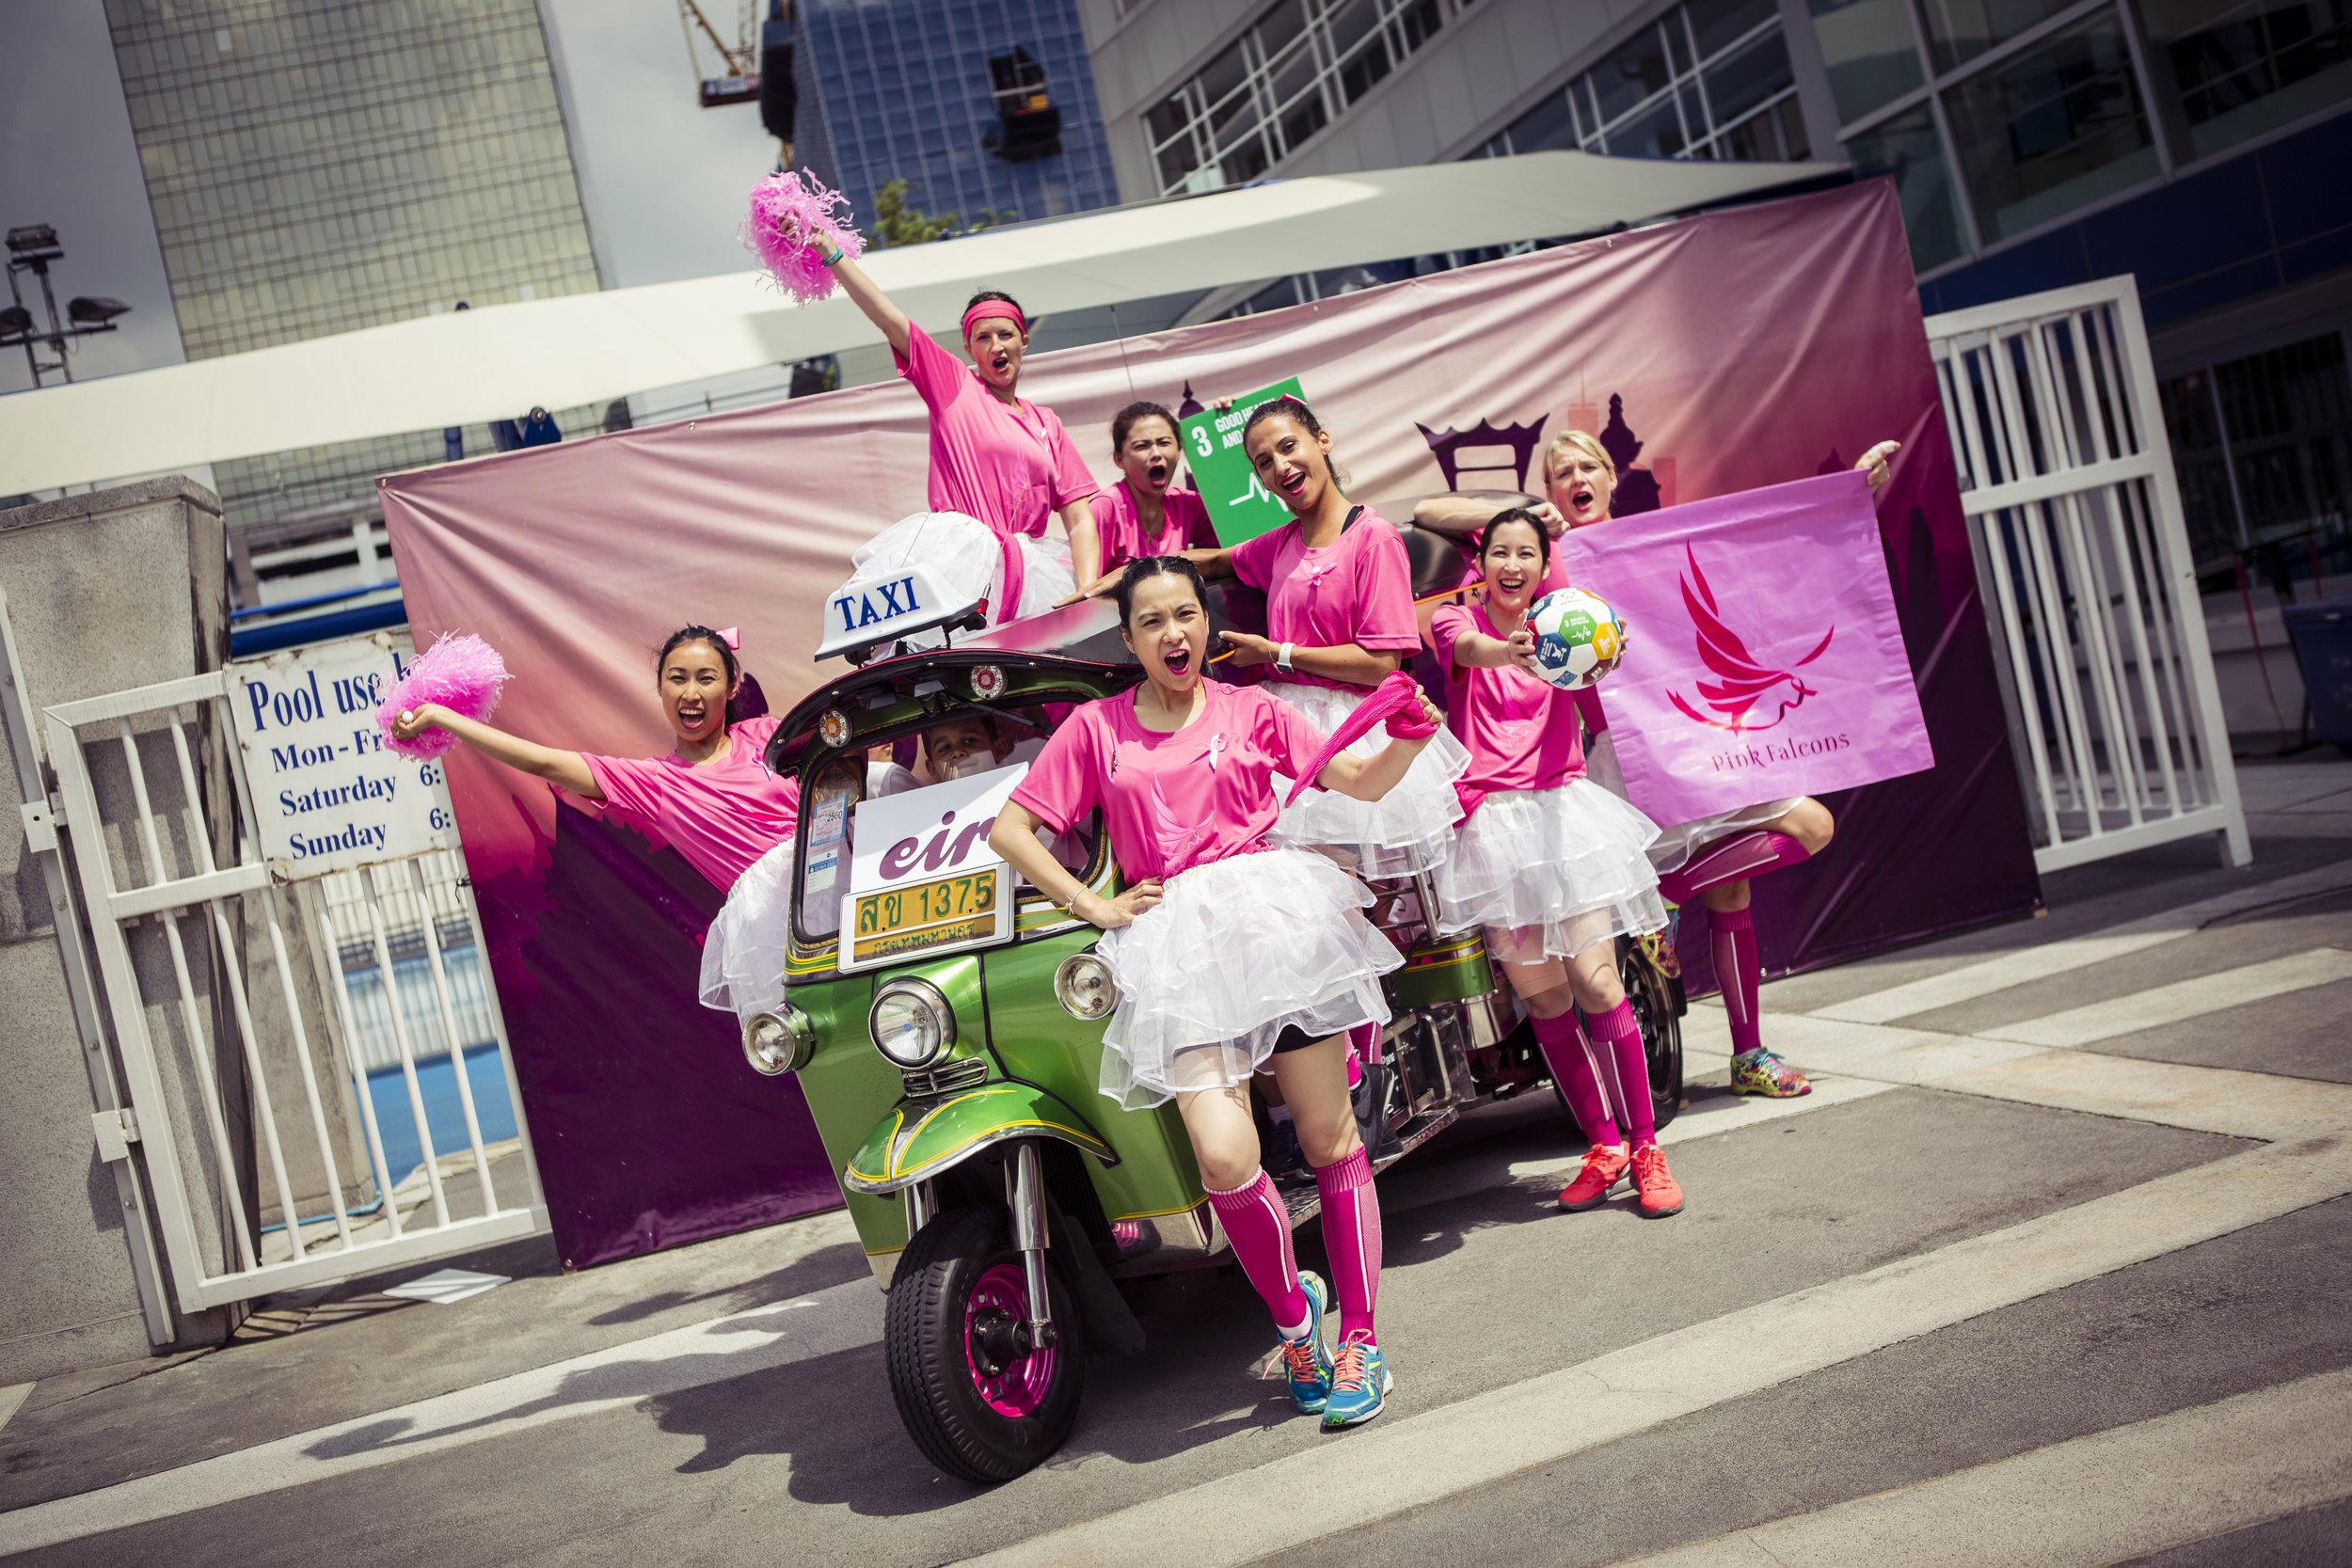 2017_09_30_GGW_ggwcup_Bangkok_2429.JPG